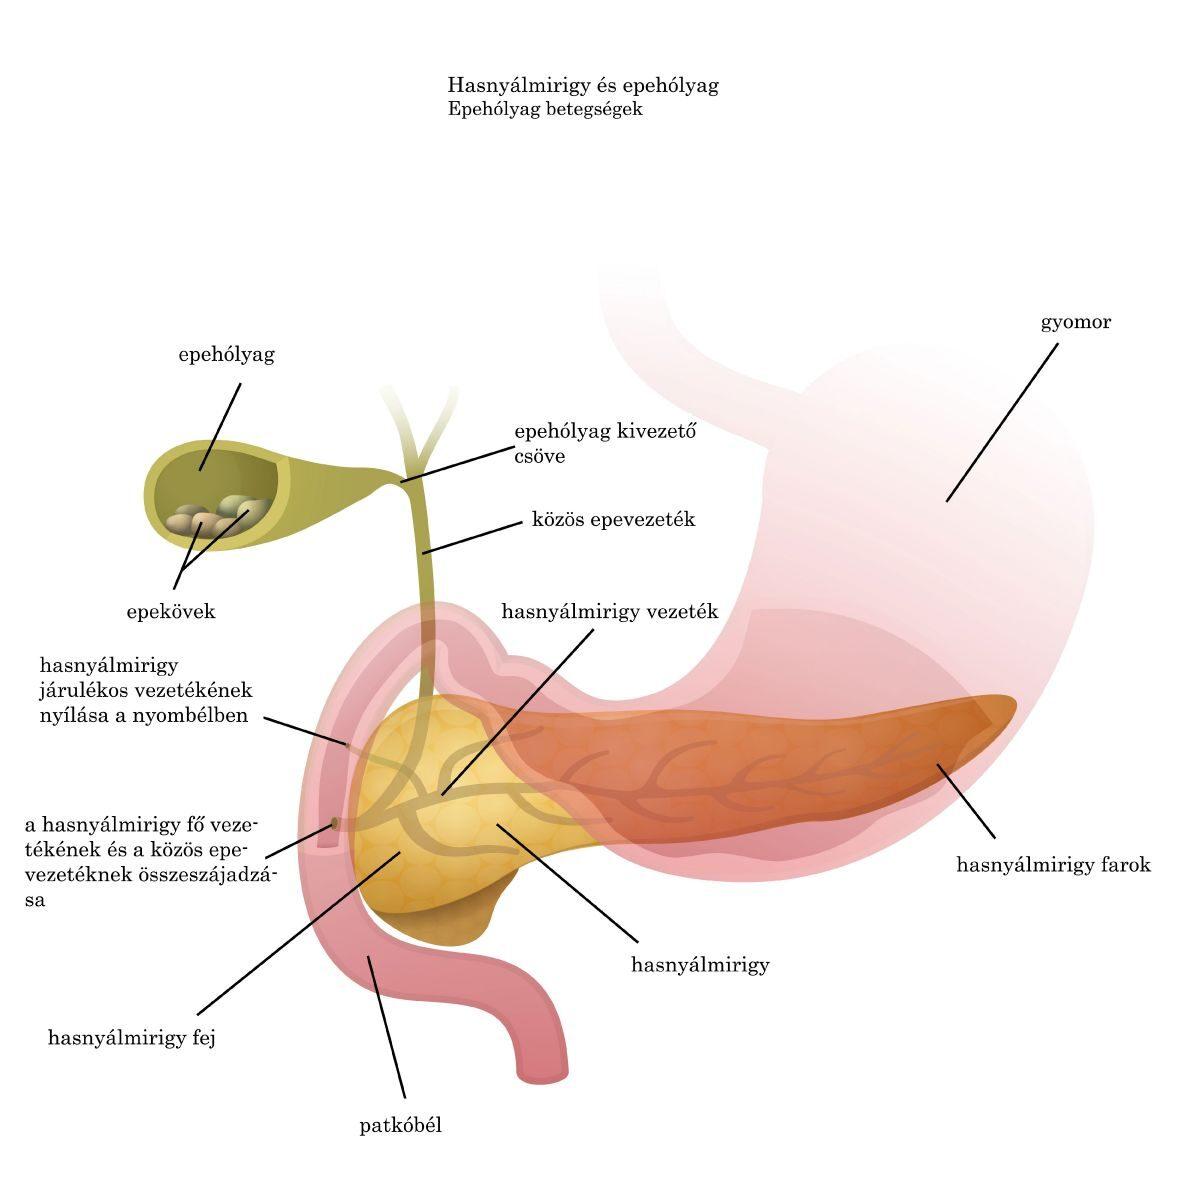 magas vérnyomás és epekő betegség magas vérnyomás és böfögés